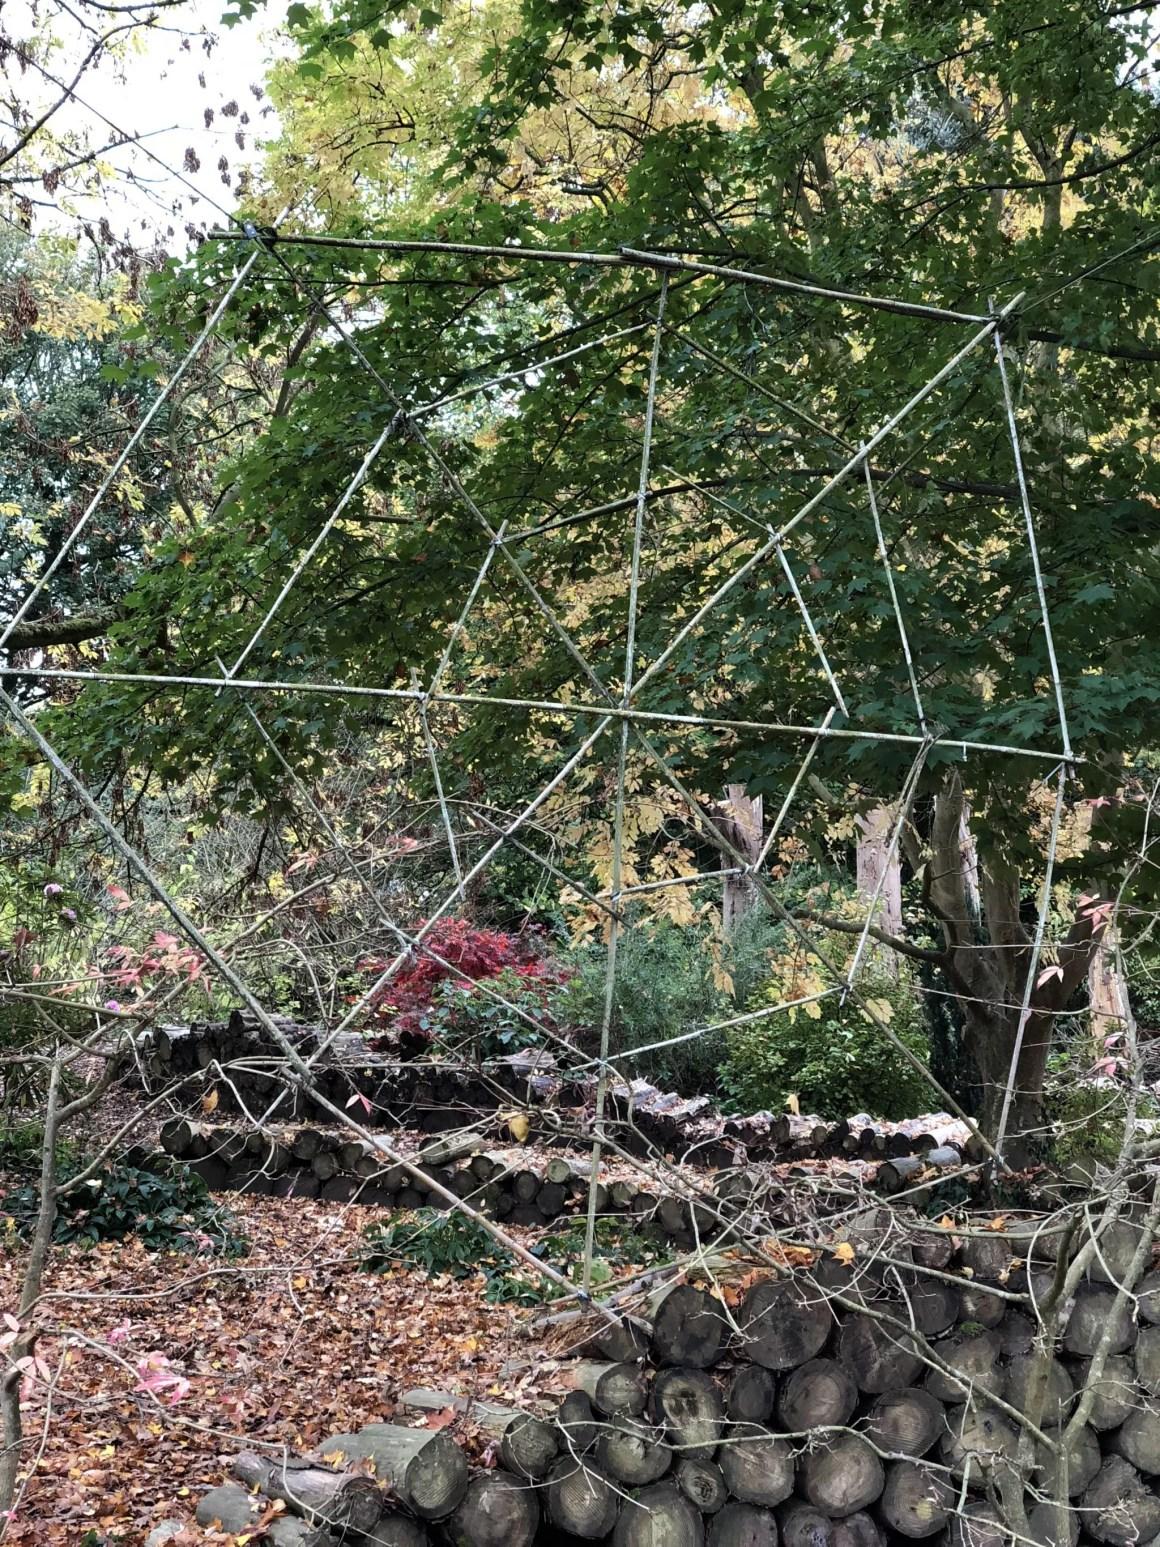 Ness gardens in autumn